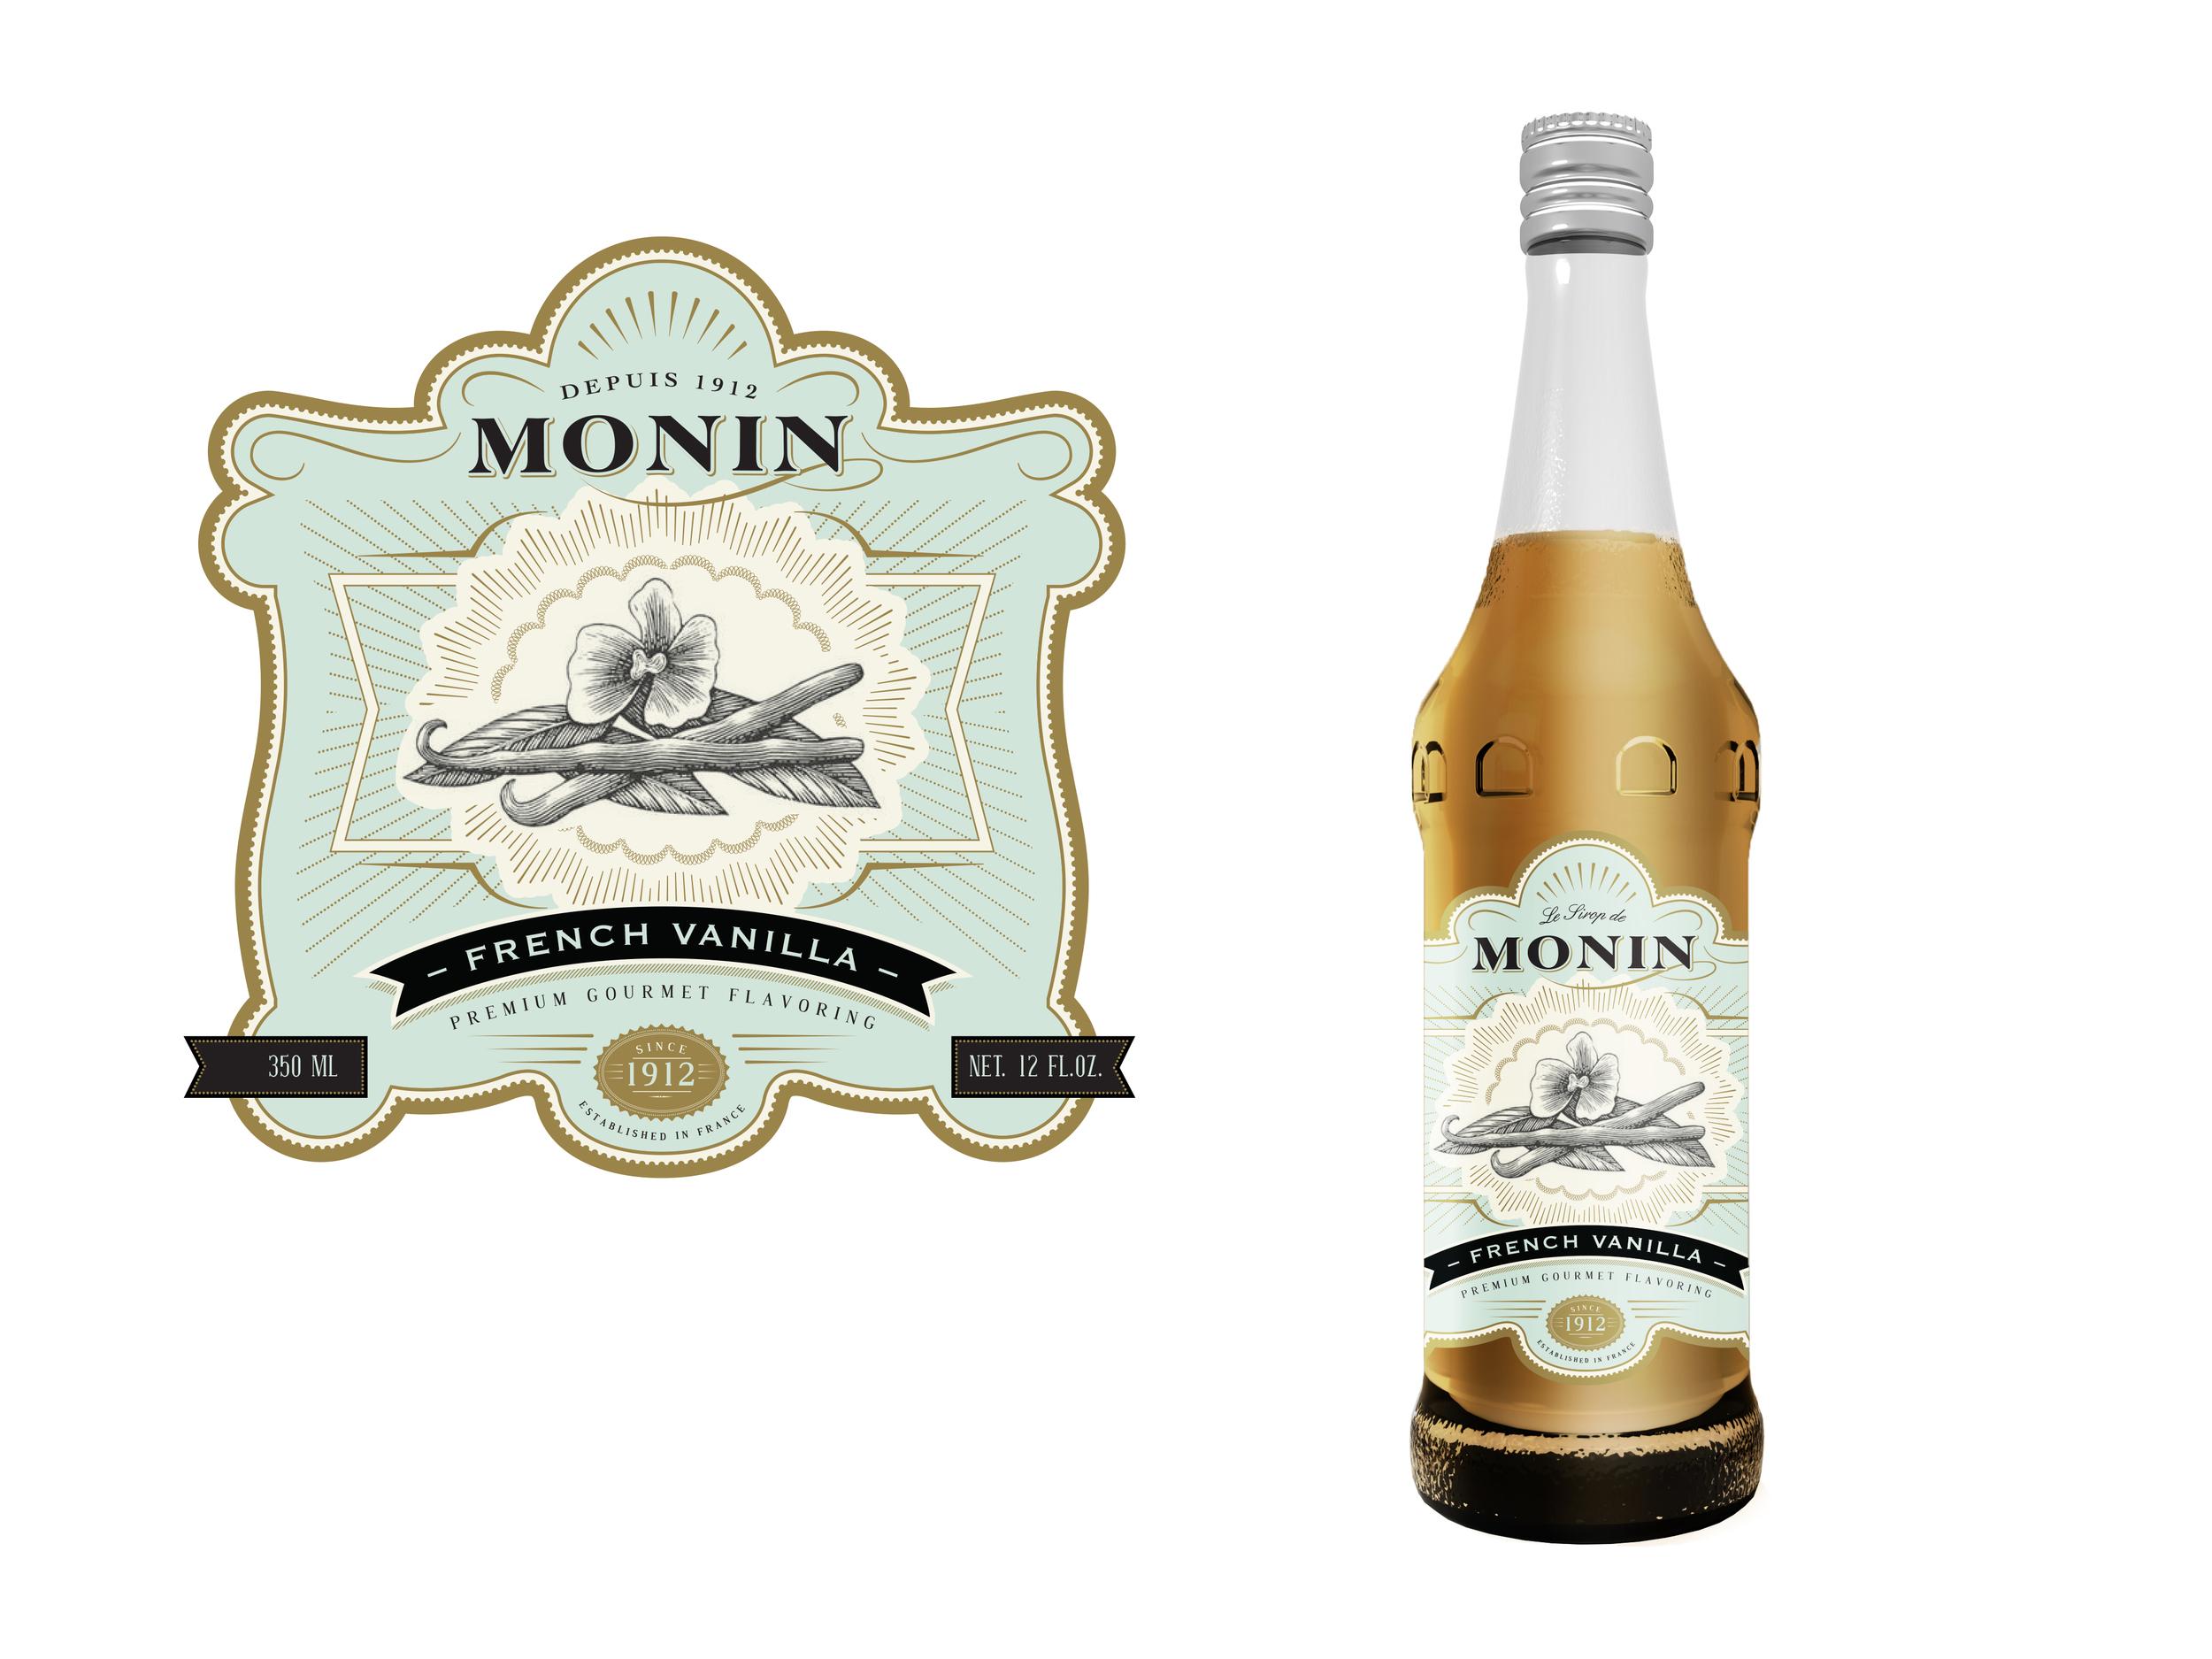 Monin_Bottle_Mockup_LBGVDeco.jpg